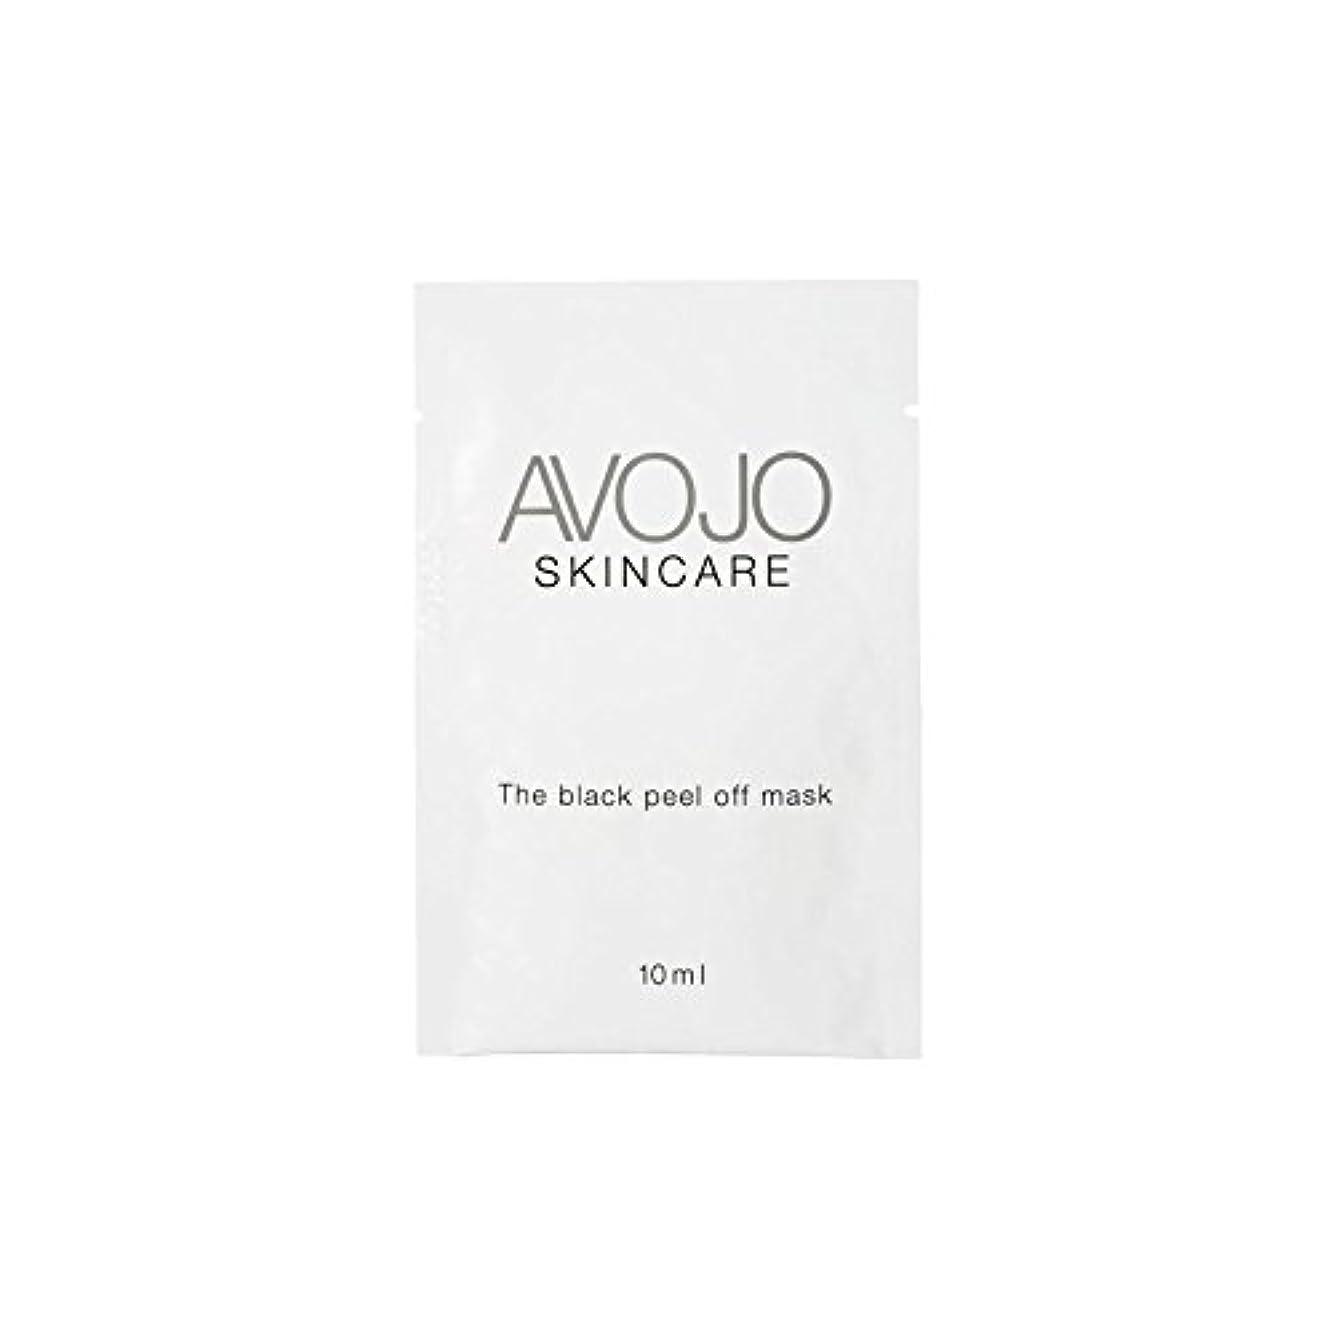 送料ここにひどい- ブラックピールオフマスク - 小袋(10ミリリットル×4) x4 - Avojo - The Black Peel Off Mask - Sachet (10ml X 4) (Pack of 4) [並行輸入品]